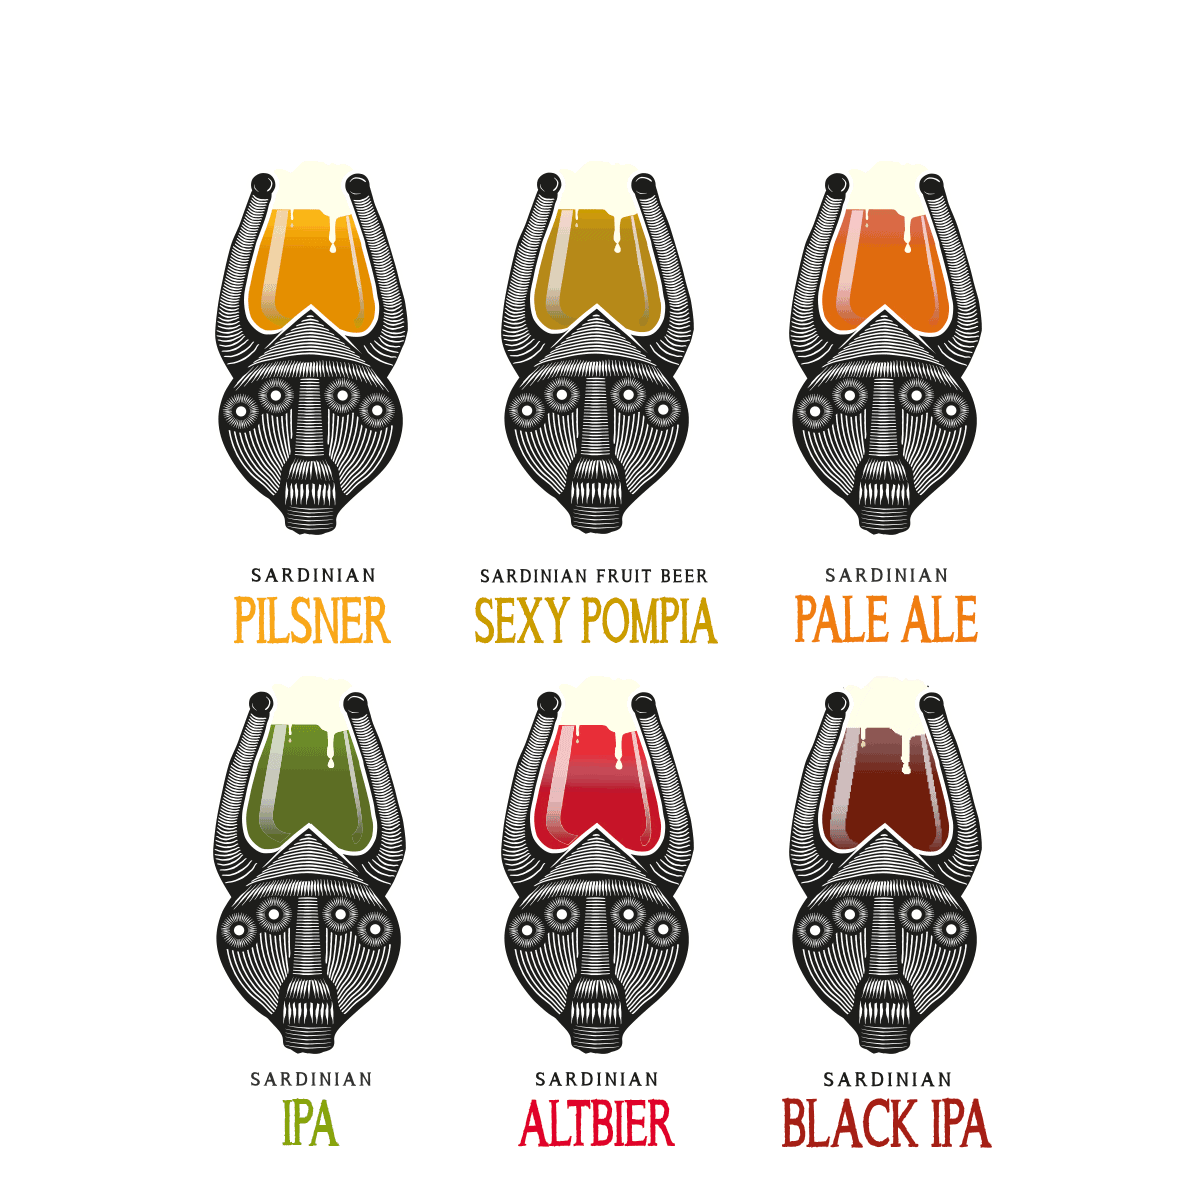 https://www.birrificiomarduk.com/wp-content/uploads/2020/06/02b-linea-giornaliere-guerrieri-Marduk-brewery-birre-birrificio-materie-prime-lupolo-malto-orzo.png